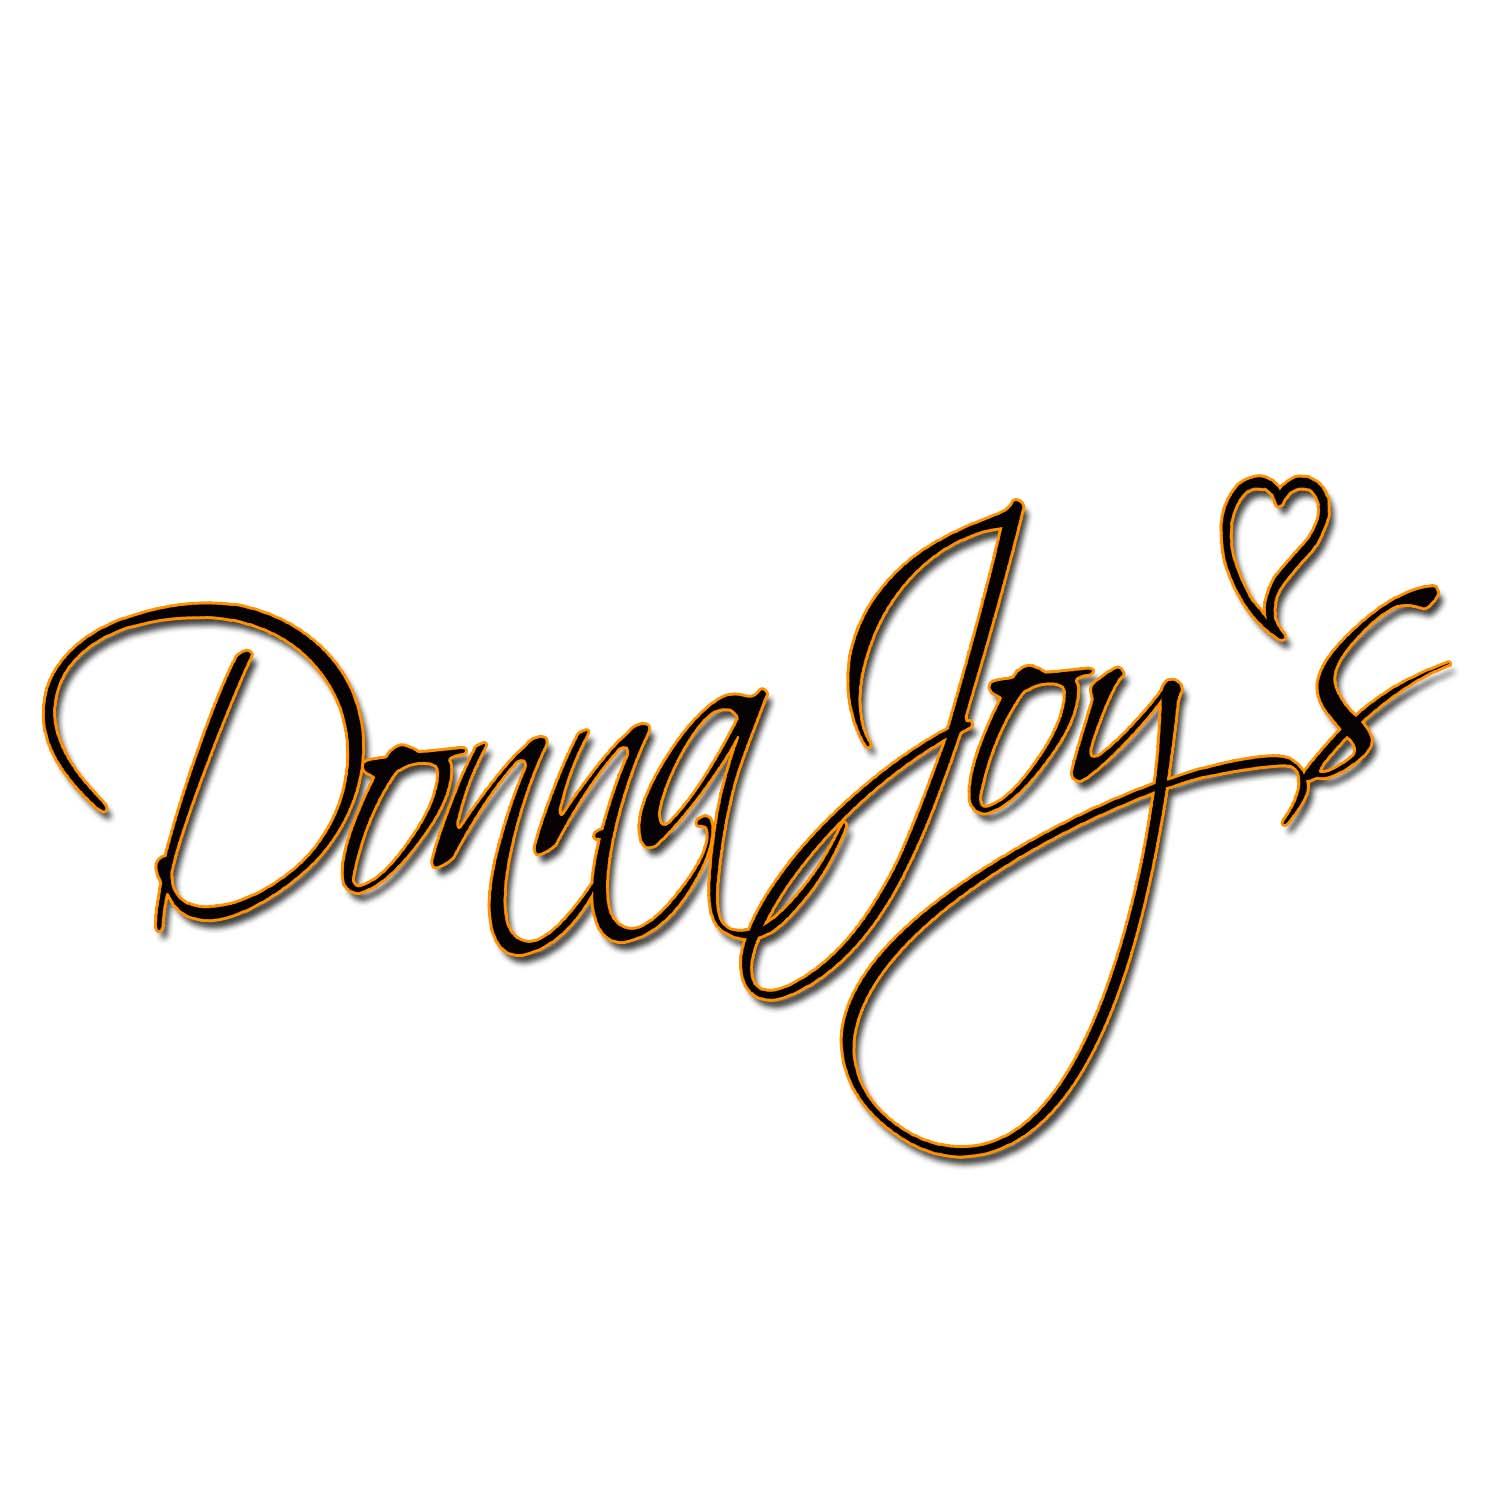 Donna Joy's Gluten Free